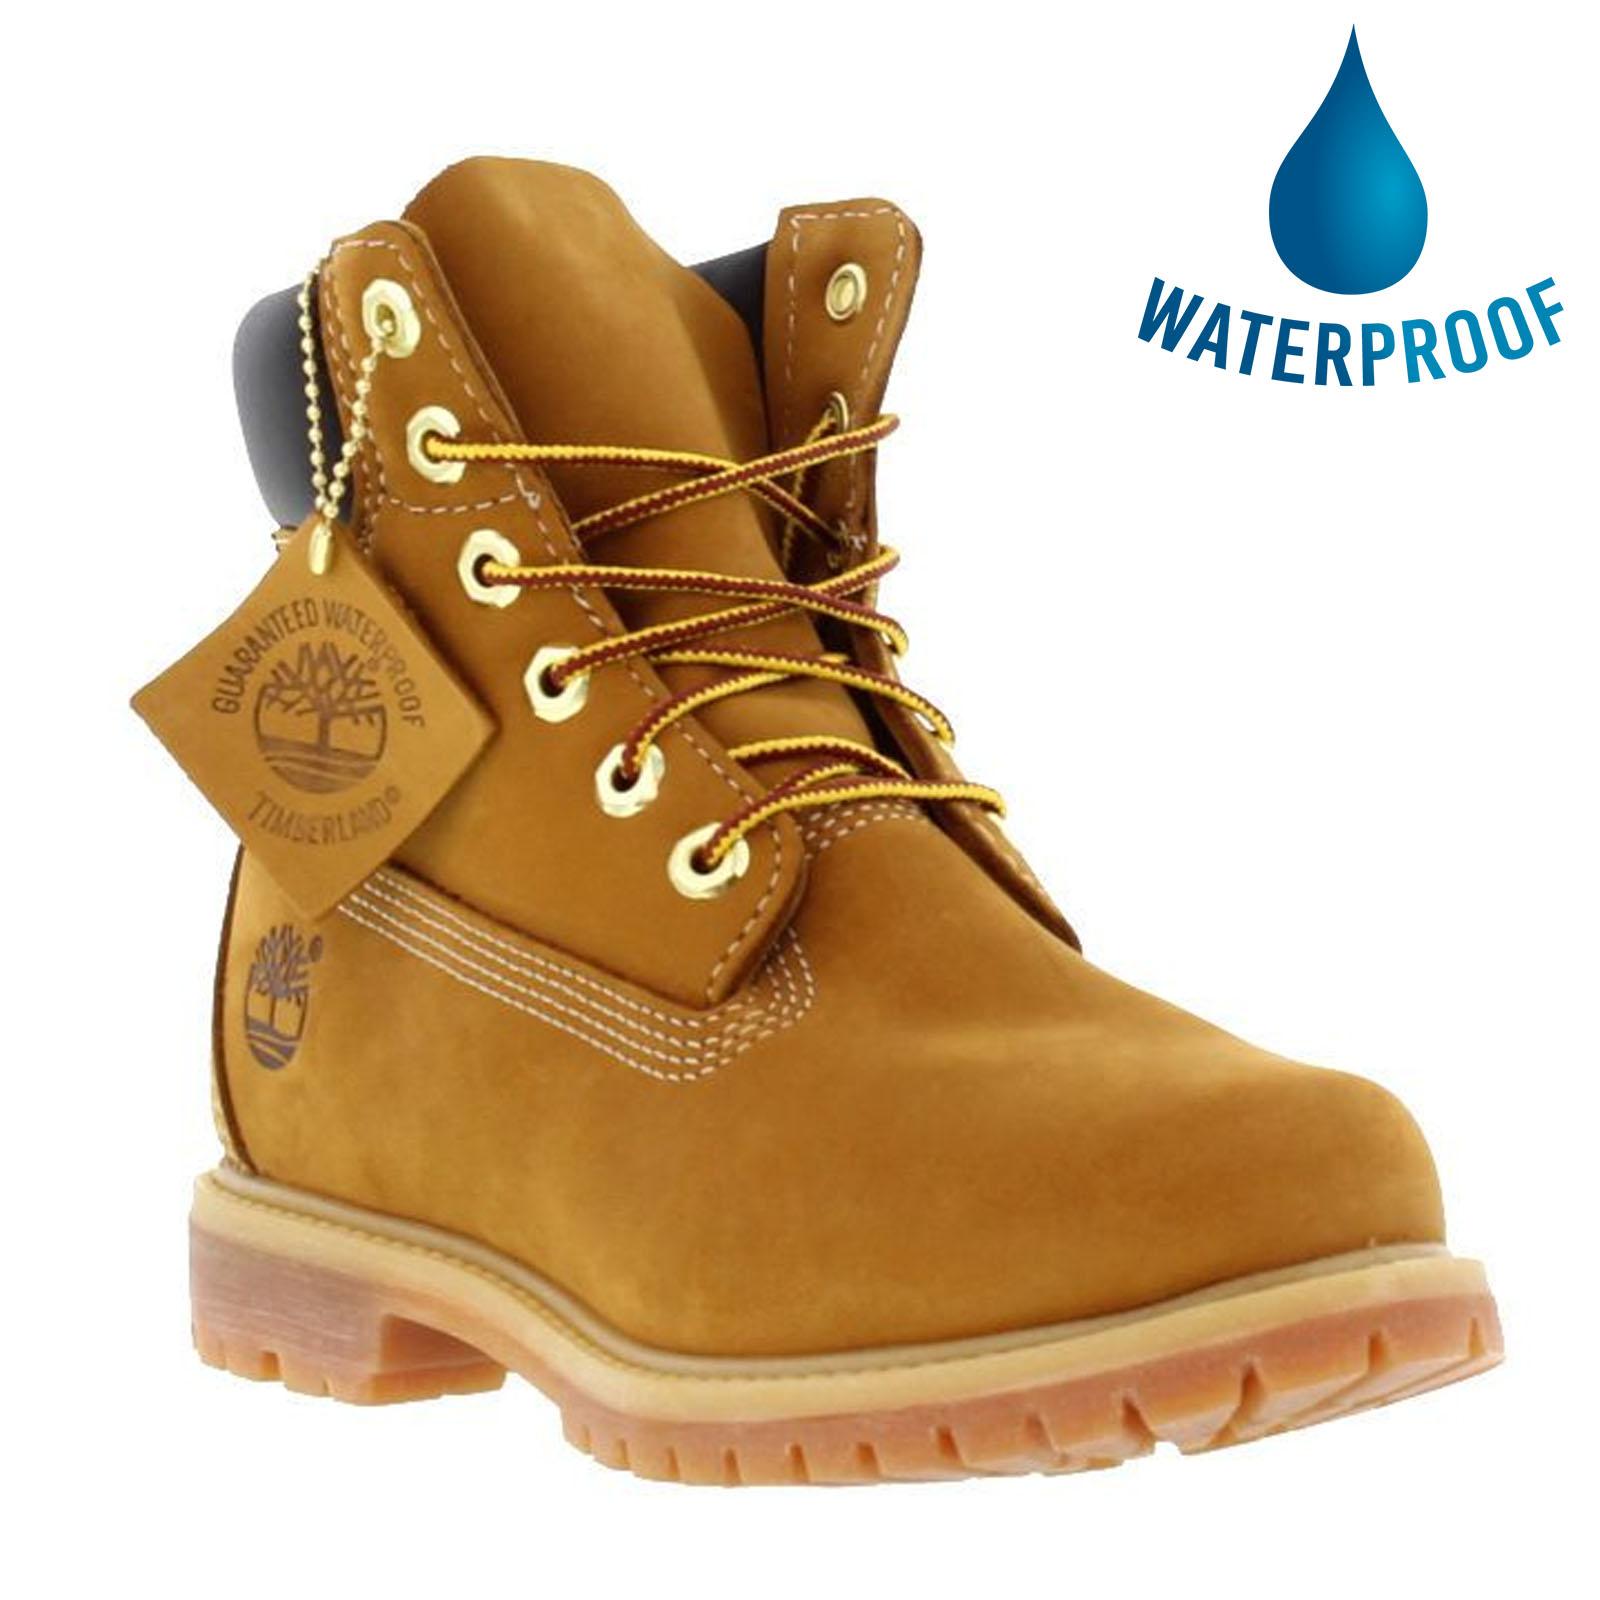 Timberland Womens 6 Inch Premium Waterproof Boots - 10361 - Wheat